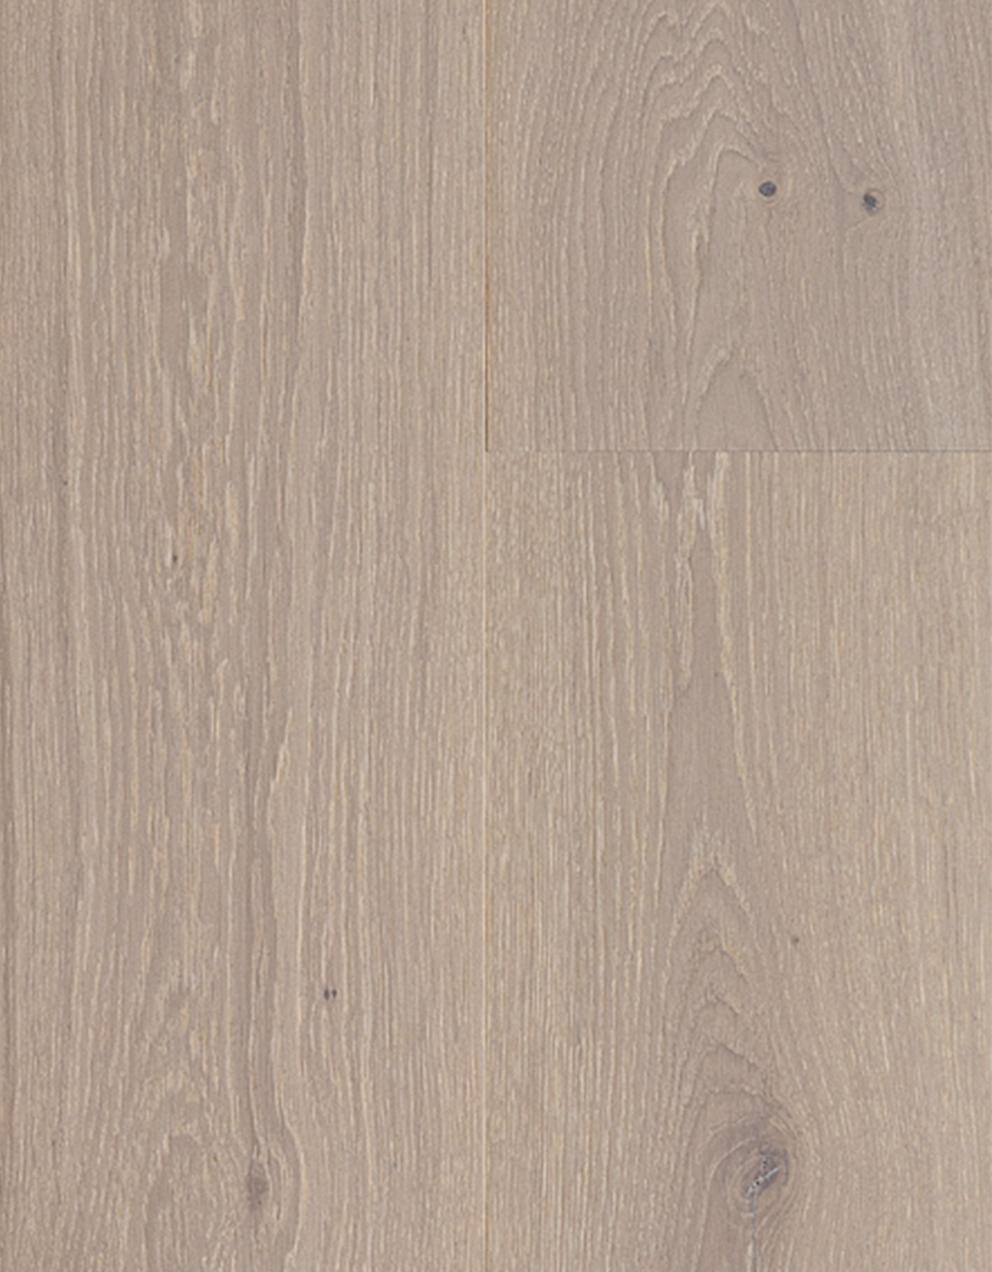 Pavimento madera Roble natural